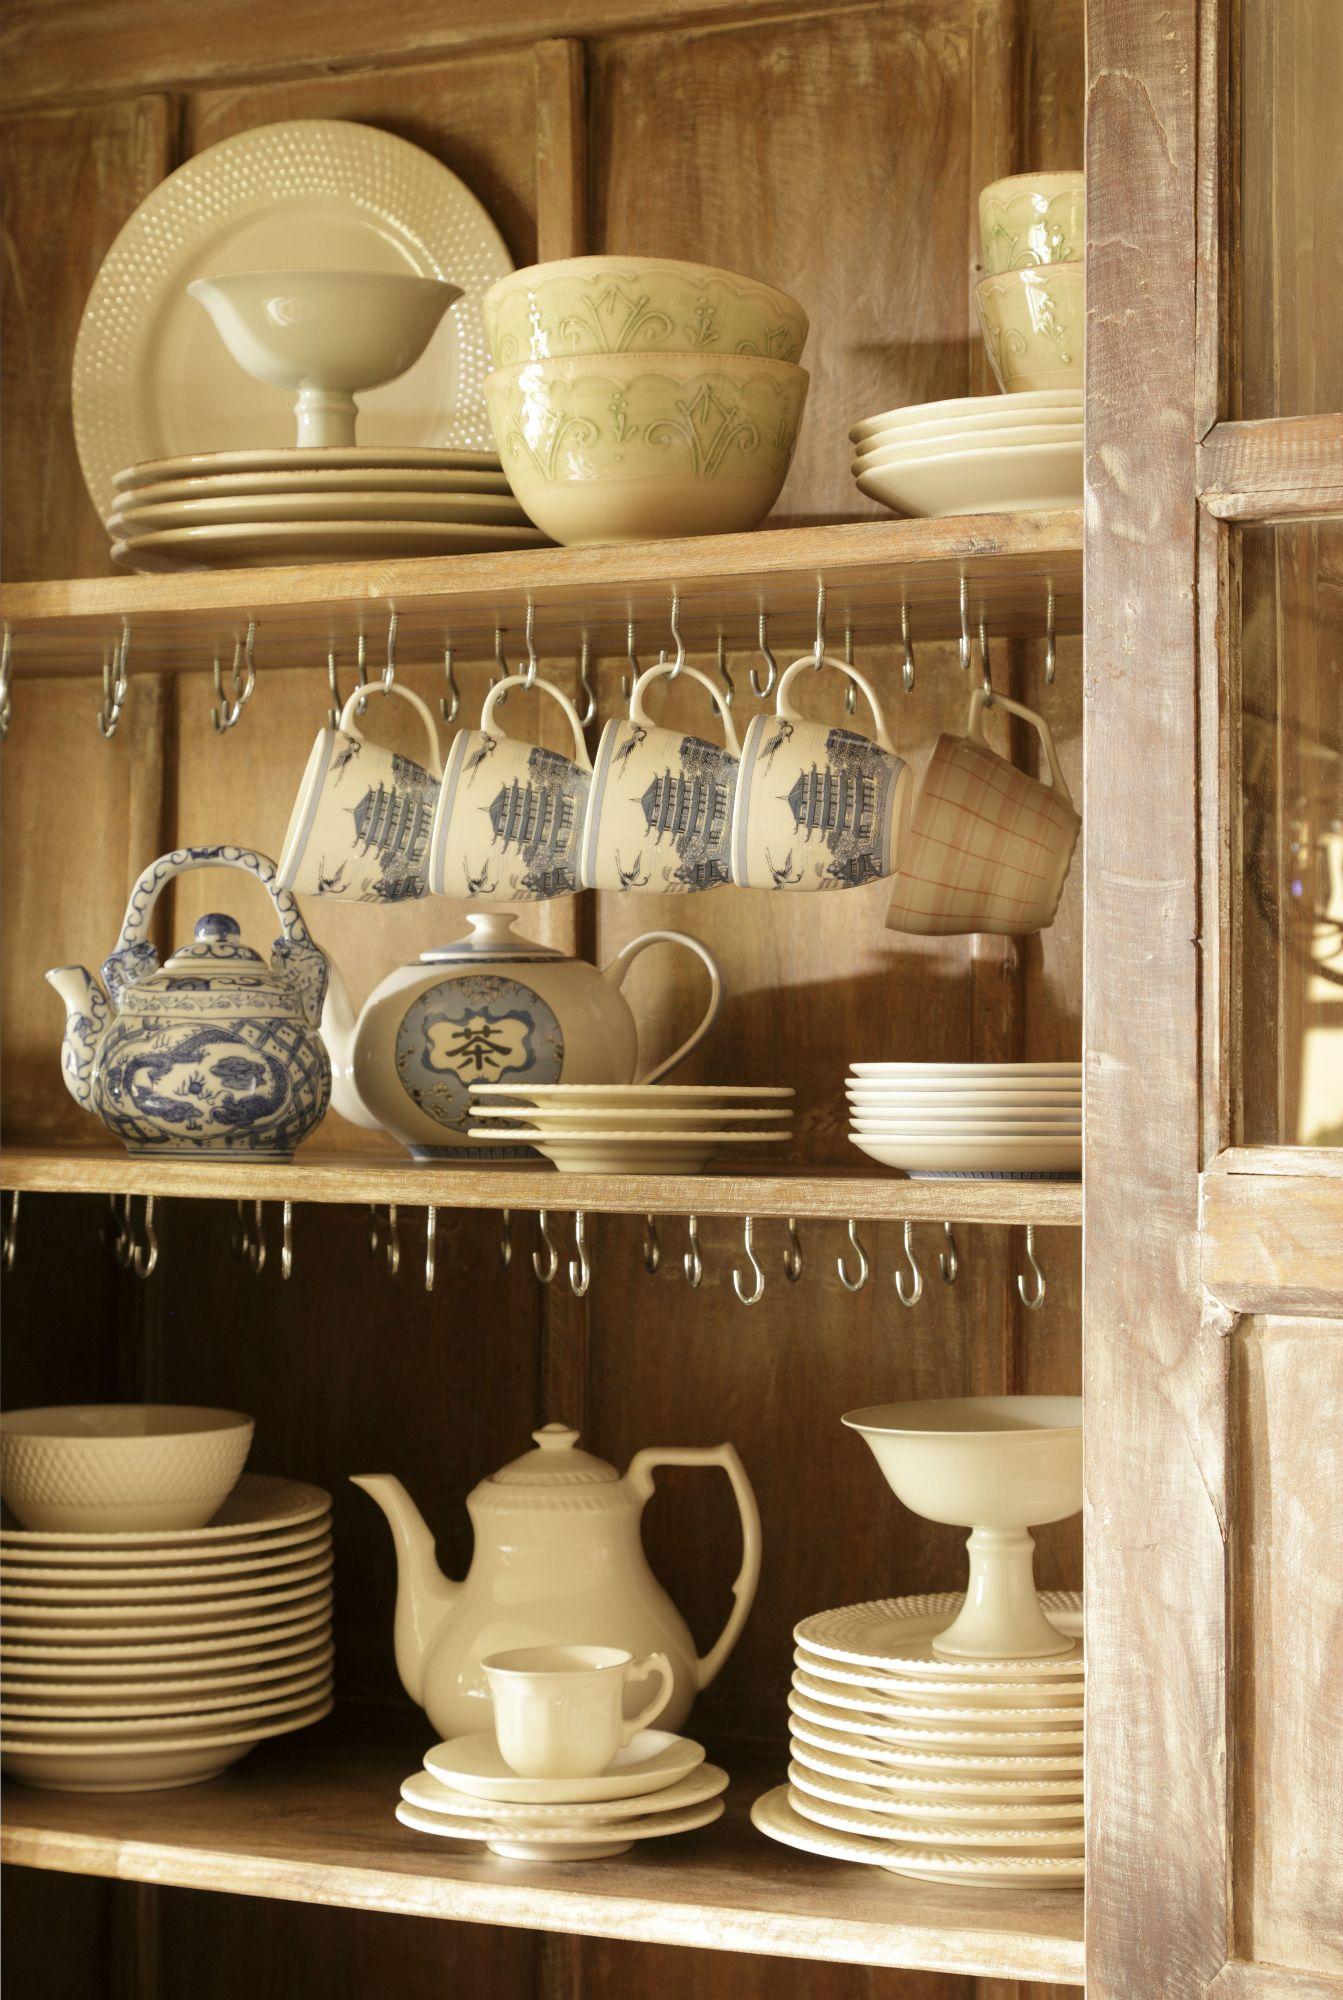 Interior de vajillero con estantes con platos 82abca09e4cc